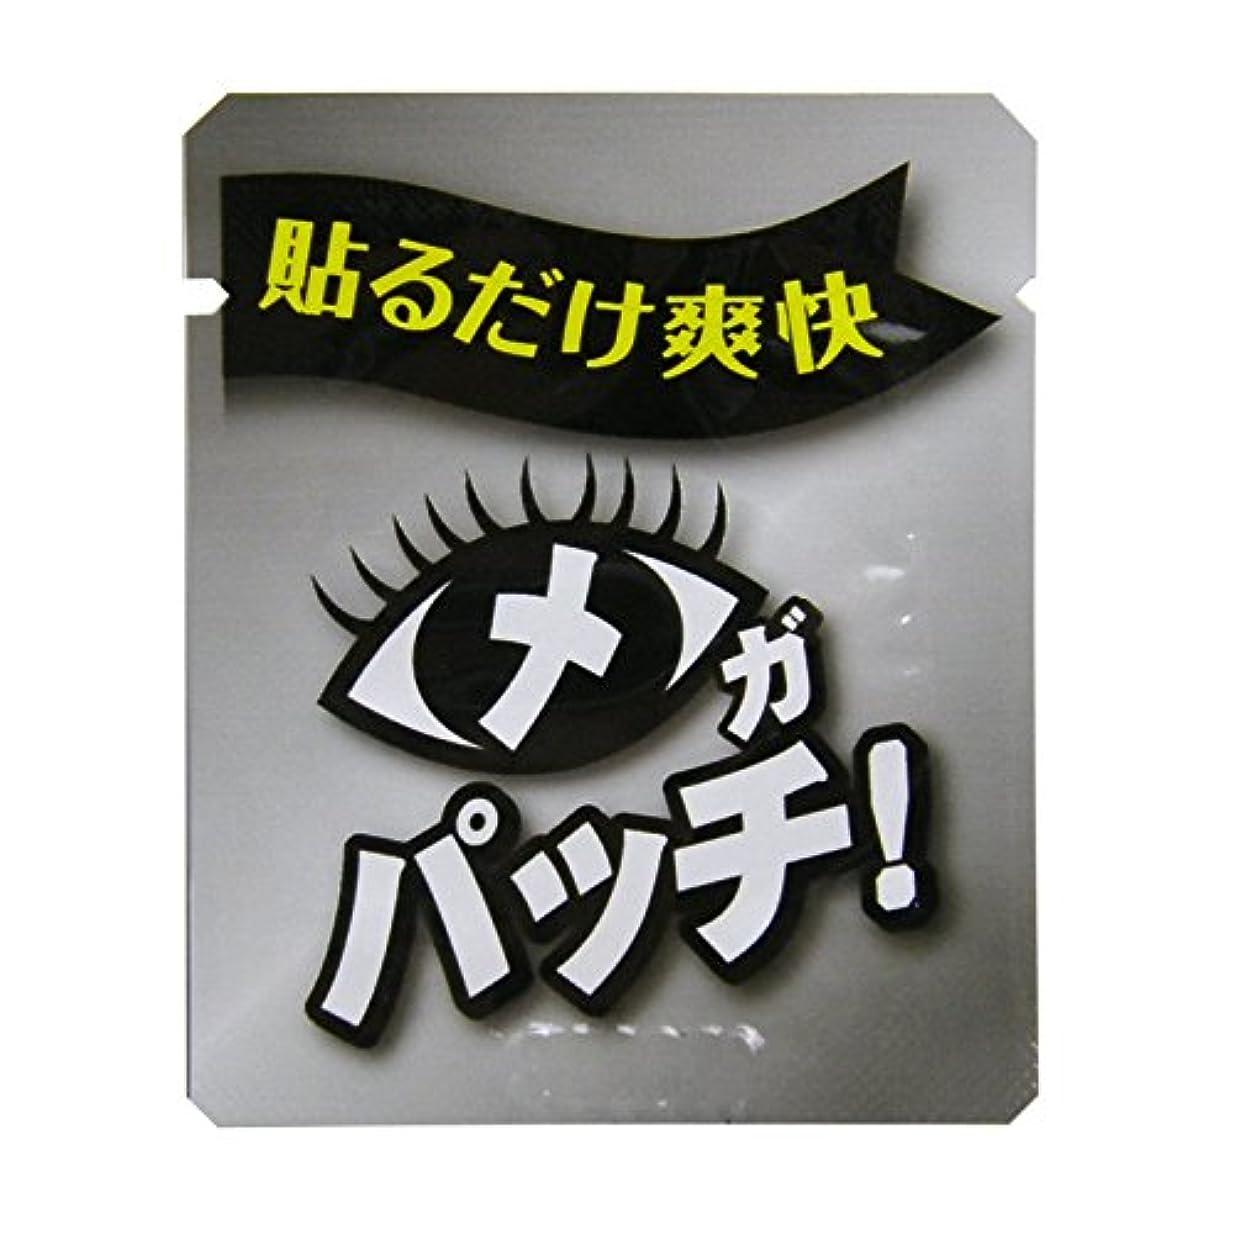 トレイ爆弾護衛メガパッチ お試し用 1枚 【実質無料サンプルストア対象】